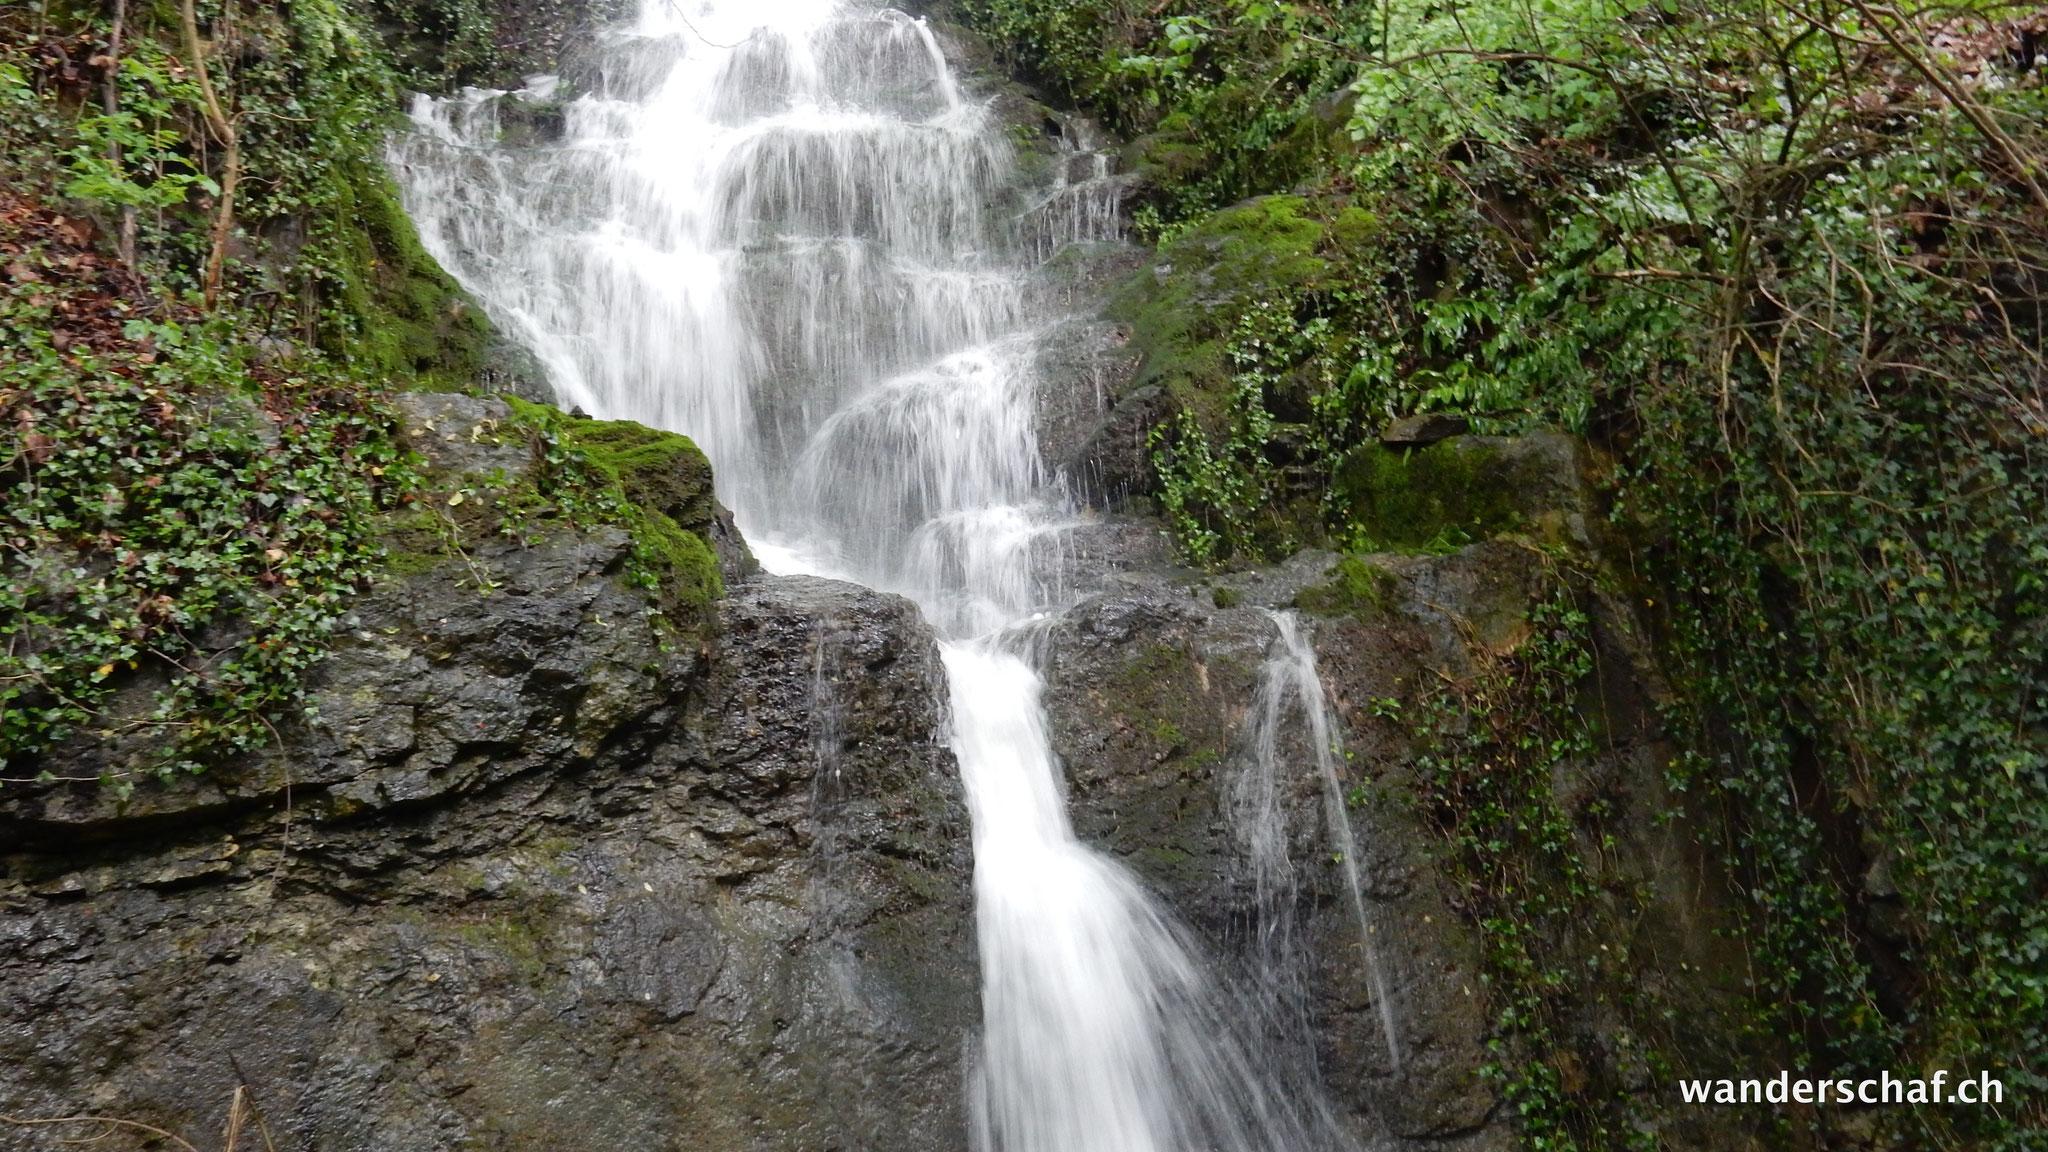 schöner Wasserfall unterwegs von Ennetbürgen zur Nas